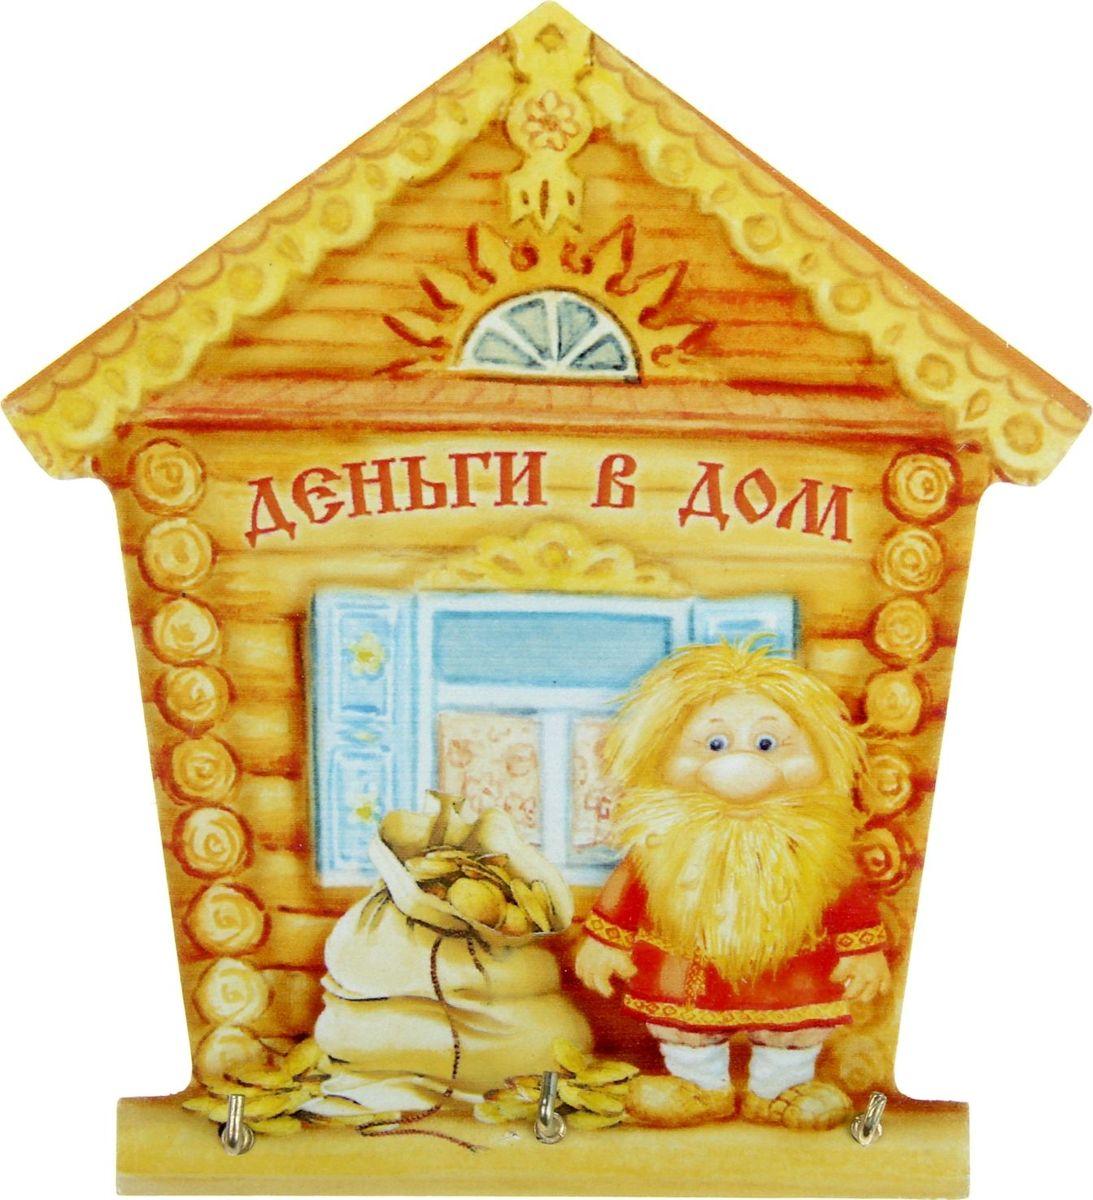 Ключница настенная Домовой. Деньги в дом, 12,5 х 13,8 х 1,9 см871825Если каждый раз, выходя из дома, вы устраиваете очередной поиск ключей по горячим следам, то вам непременно нужно специальное место для их хранения. Ключница Домовой. Деньги в дом станет полезным и очень красивым приобретением для Вашего дома. Прикрепите ее на удобное место в прихожей, и Ваши ключи всегда будут под рукой. Изделие выполнено в форме домика, изготовлено из дерева с цветной печатью по всей поверхности. Имеет три надежных металлических крючка золотистого цвета, на которых удобно разместятся драгоценные ключи. Оригинальная подарочная упаковка делает этот предмет интерьера полноценным подарком по поводу и без. Милый дизайн легко впишется в любой интерьер, а доброе высказывание будет каждый раз вызывать улыбку у домочадцев и удивлять гостей.